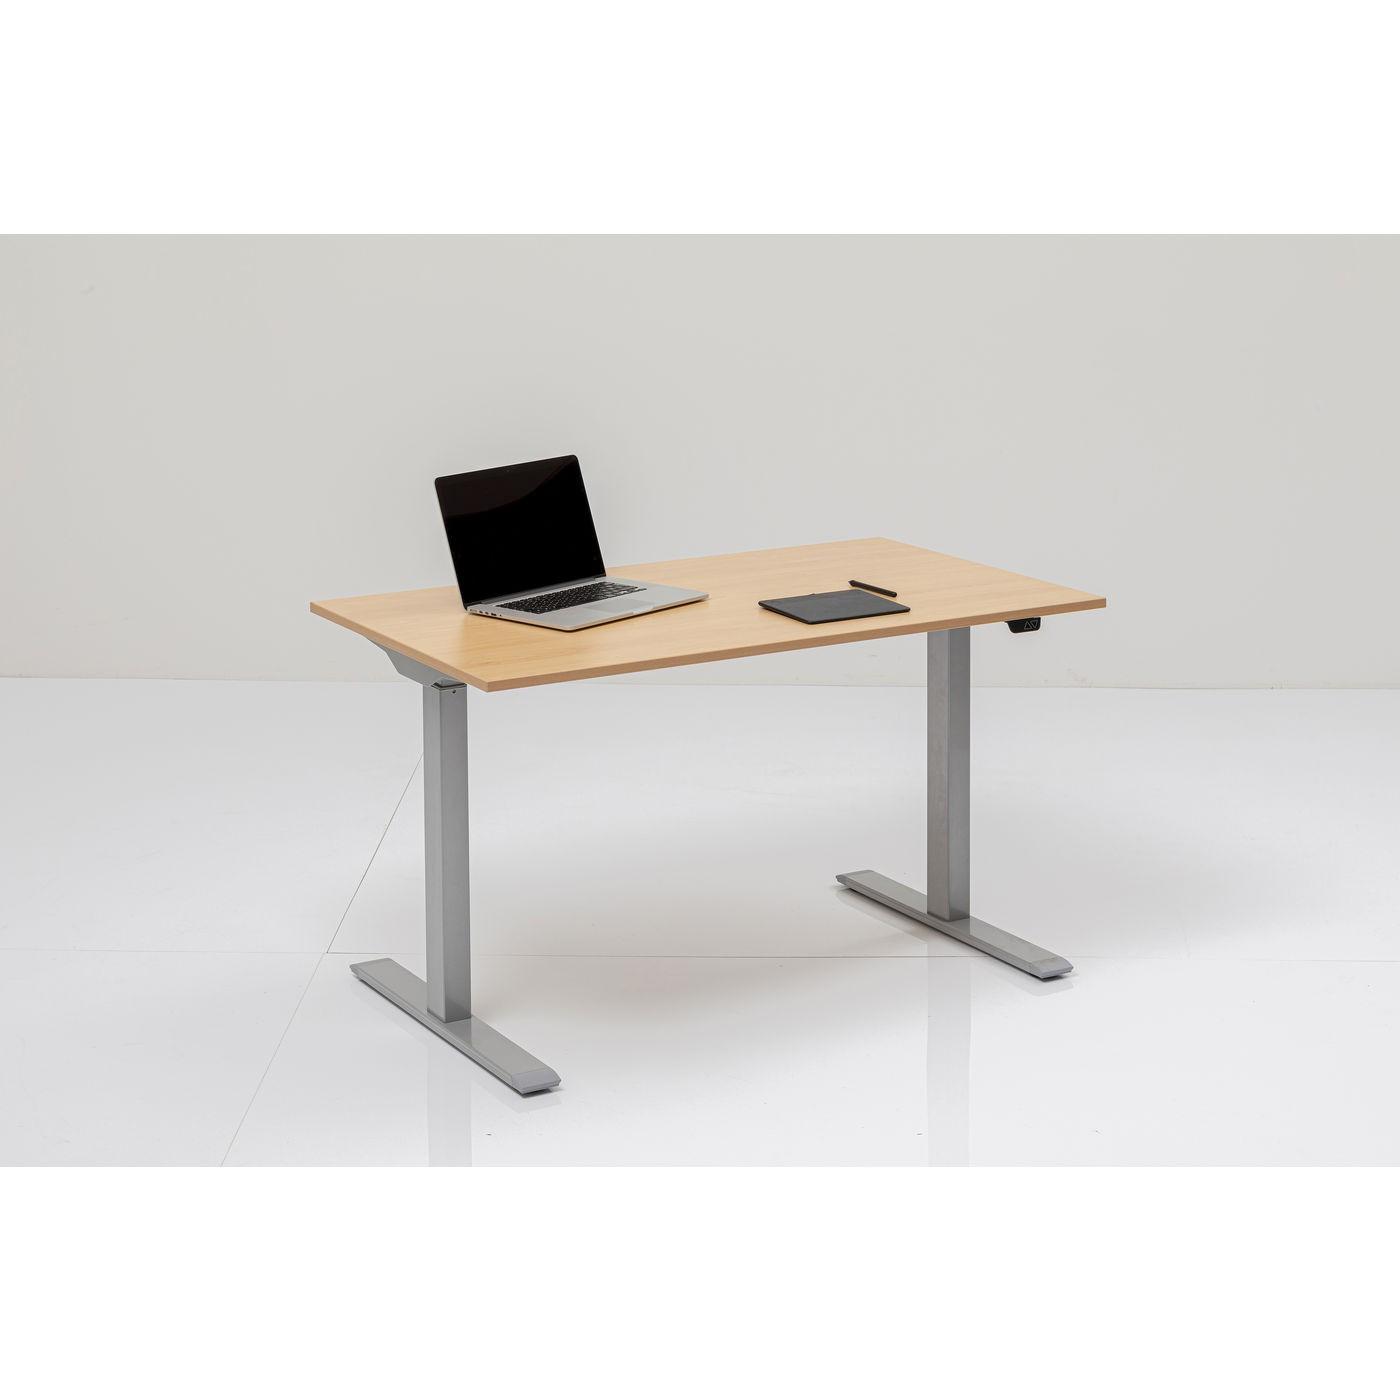 Bureau réglable assis-debout beige et acier chromé L160